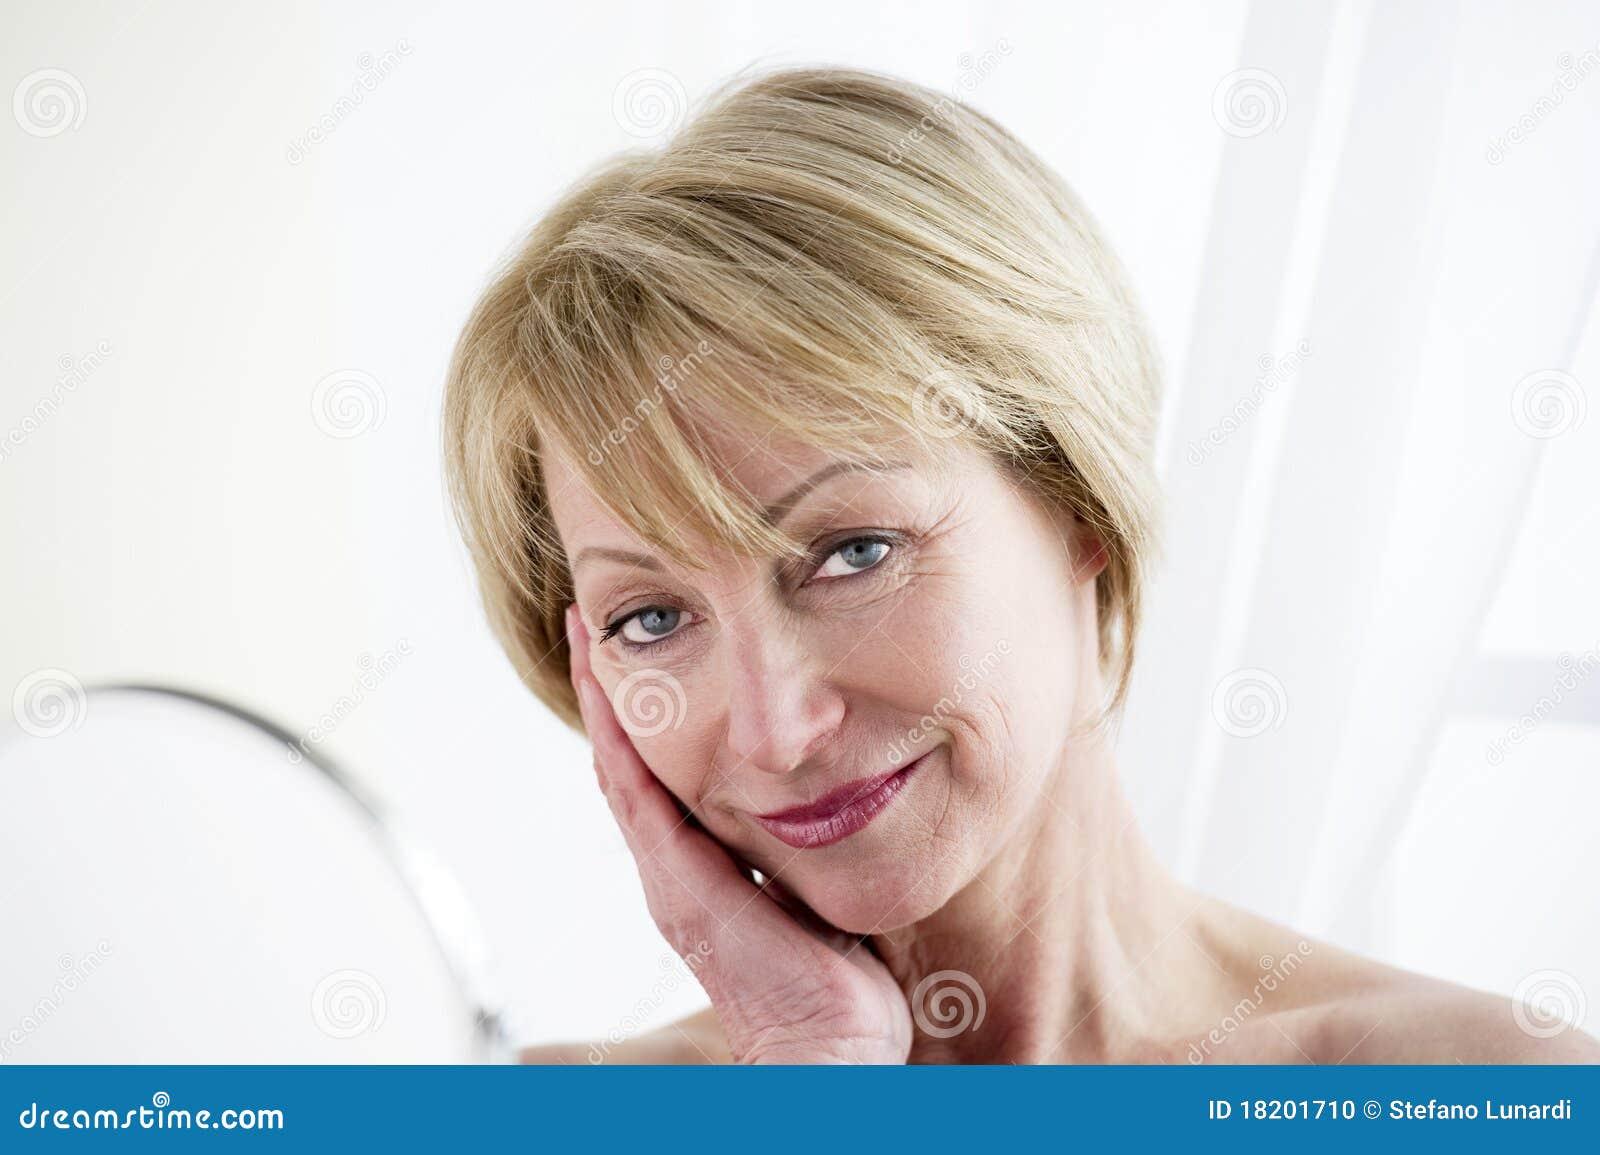 Популярные видео порно мама в возрасте - Страница 1